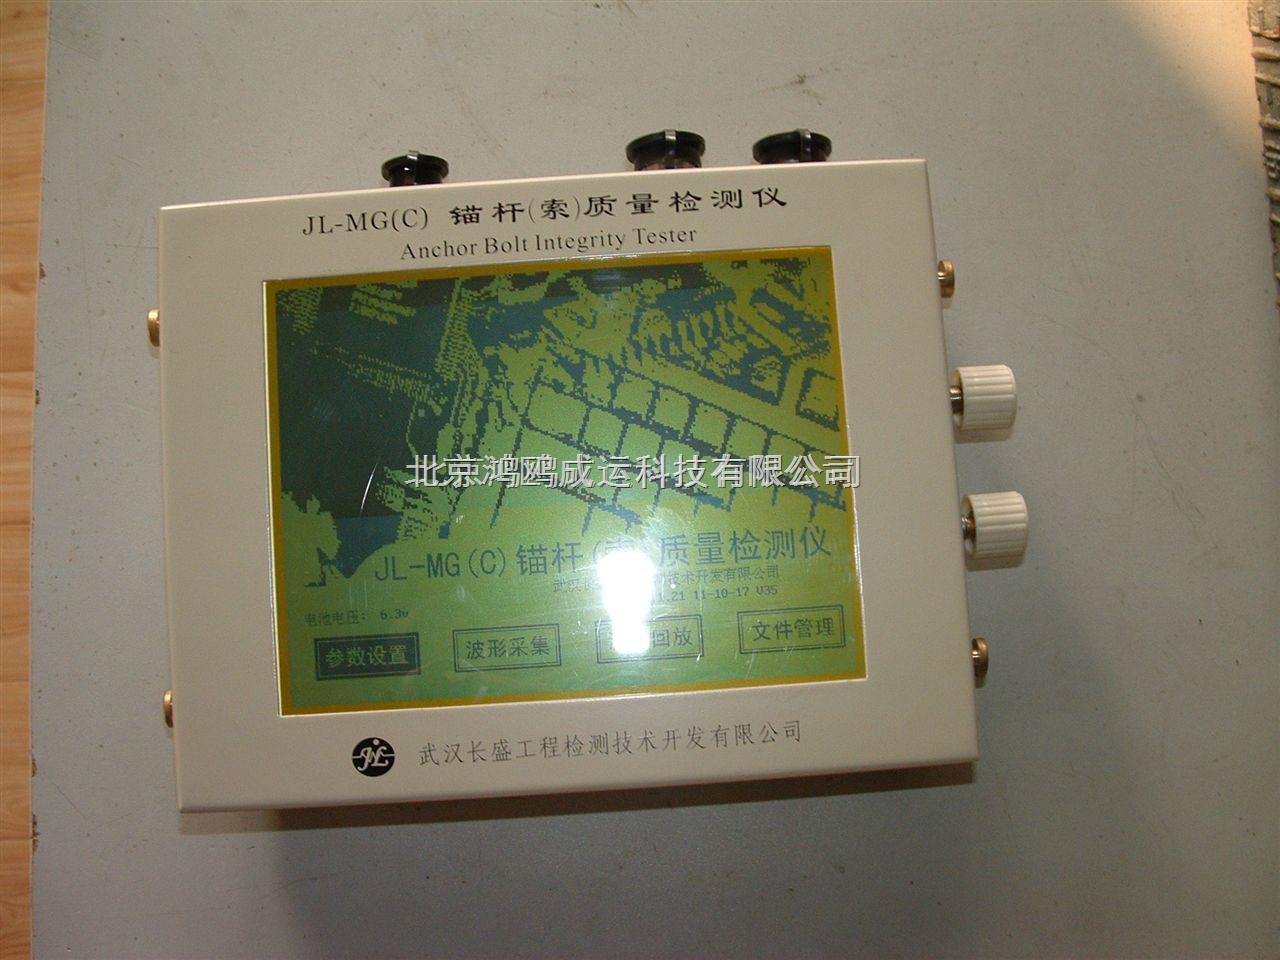 锚索质量检测仪/锚索检测仪